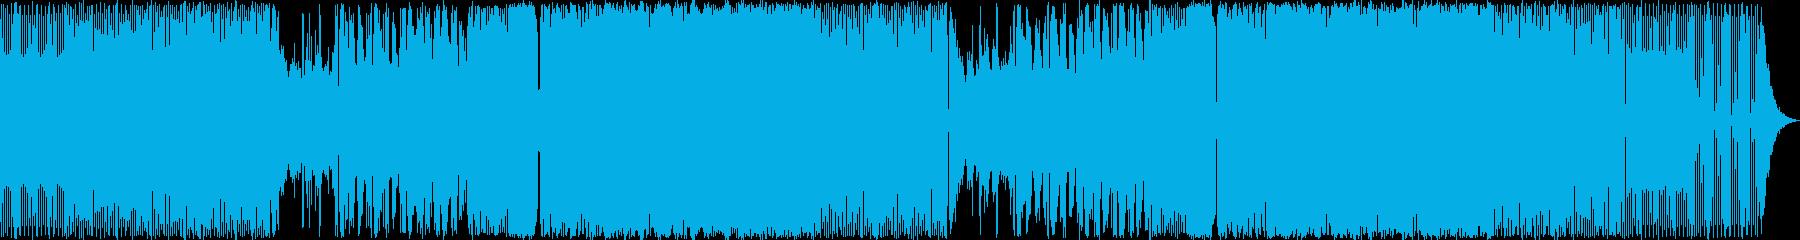 エレクトロハウスバージョンのポップ...の再生済みの波形